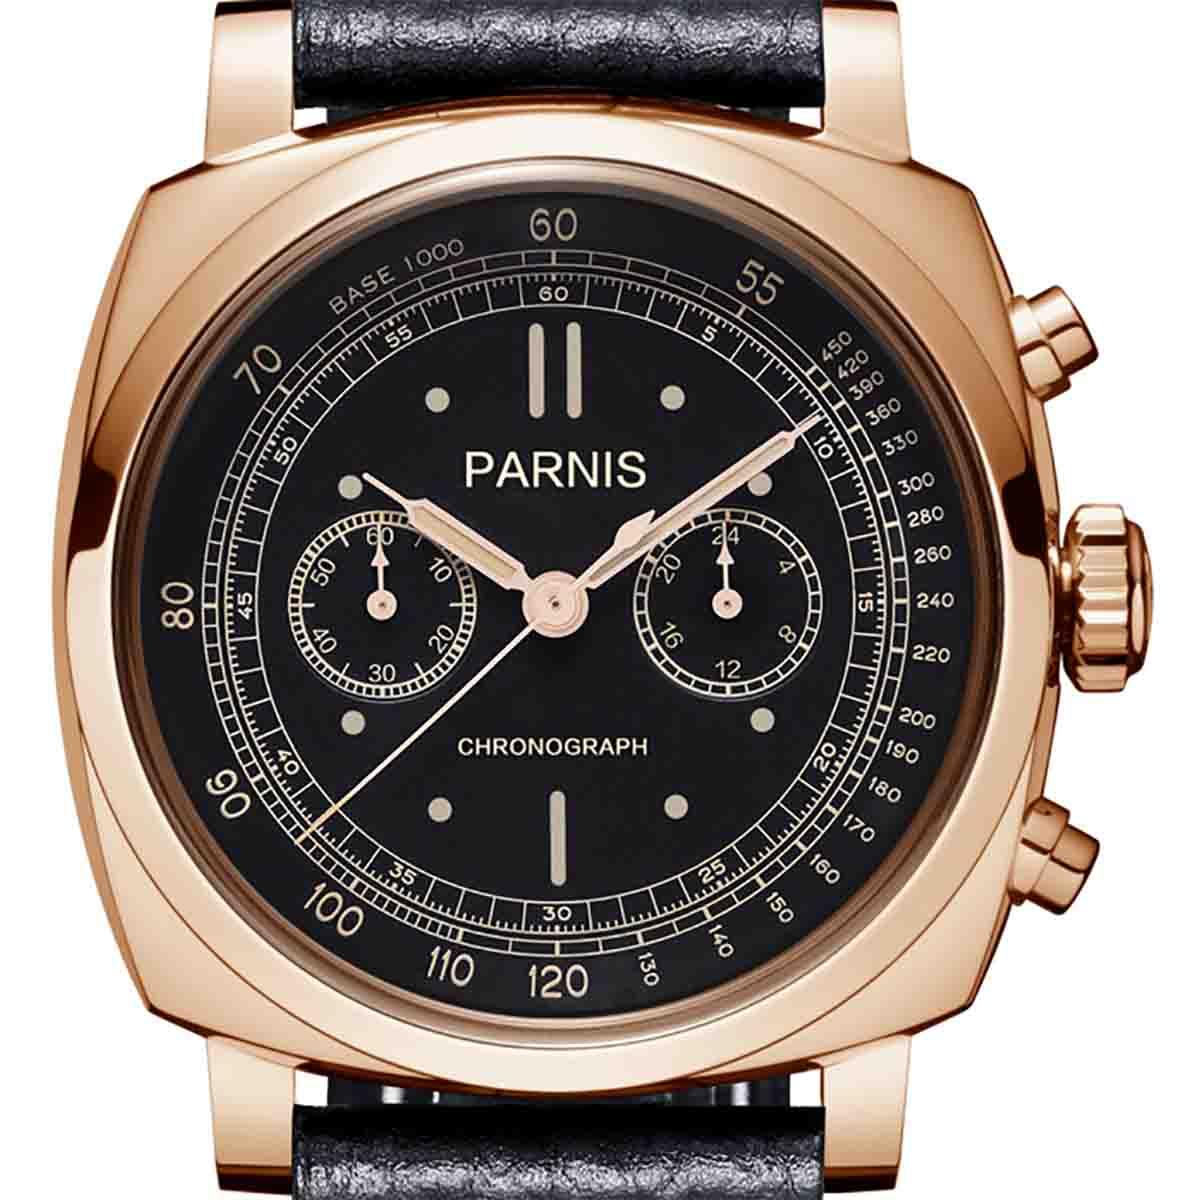 【残り1点】【NEW】PARNIS パーニス クォーツ 腕時計 [PA6046-B-S5EL-BkrgBKw] 並行輸入品 純正ケース メーカー保証12ヶ月